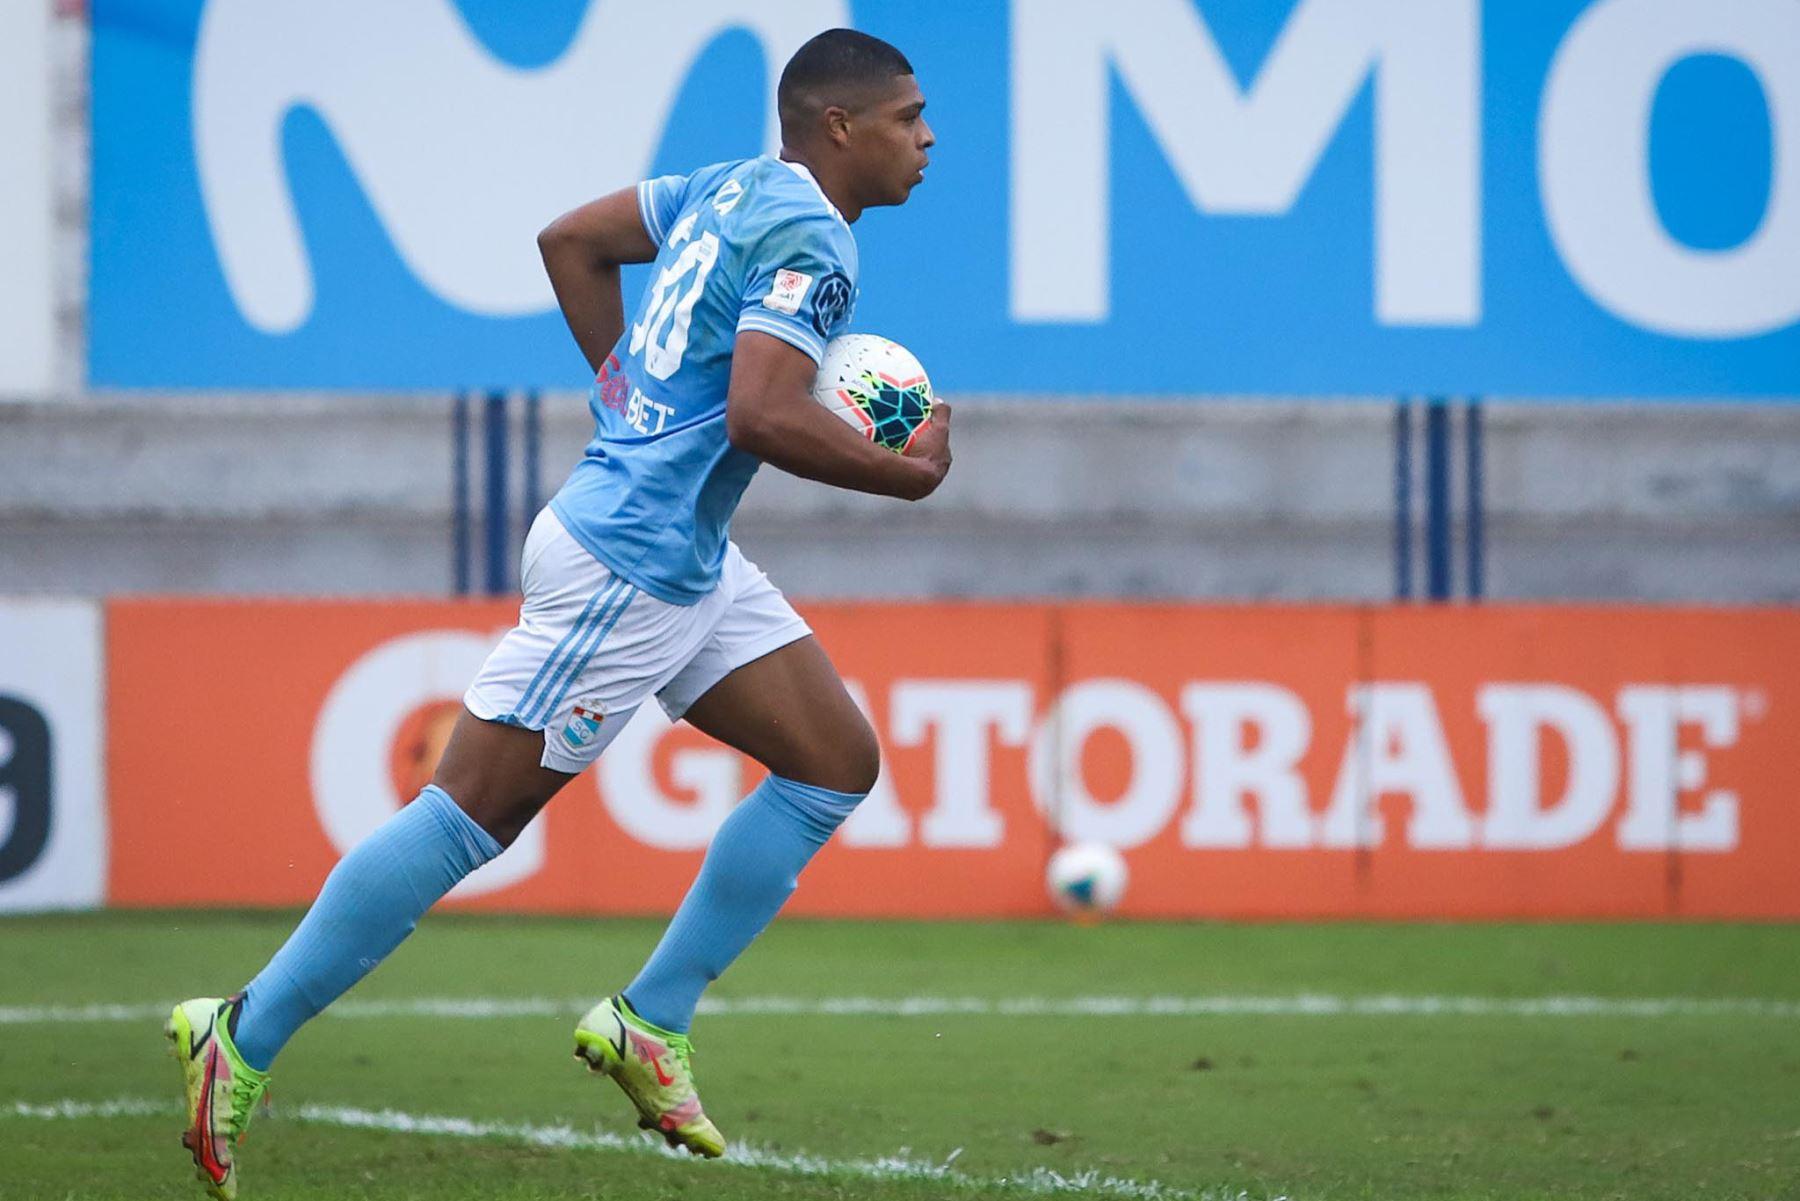 Percy Liza (79') anota el descuento para los celestes. Carlos Manucci derrota 3-1 a Sporting Cristal por la Fase 2 de la Liga 1. Foto: FPF